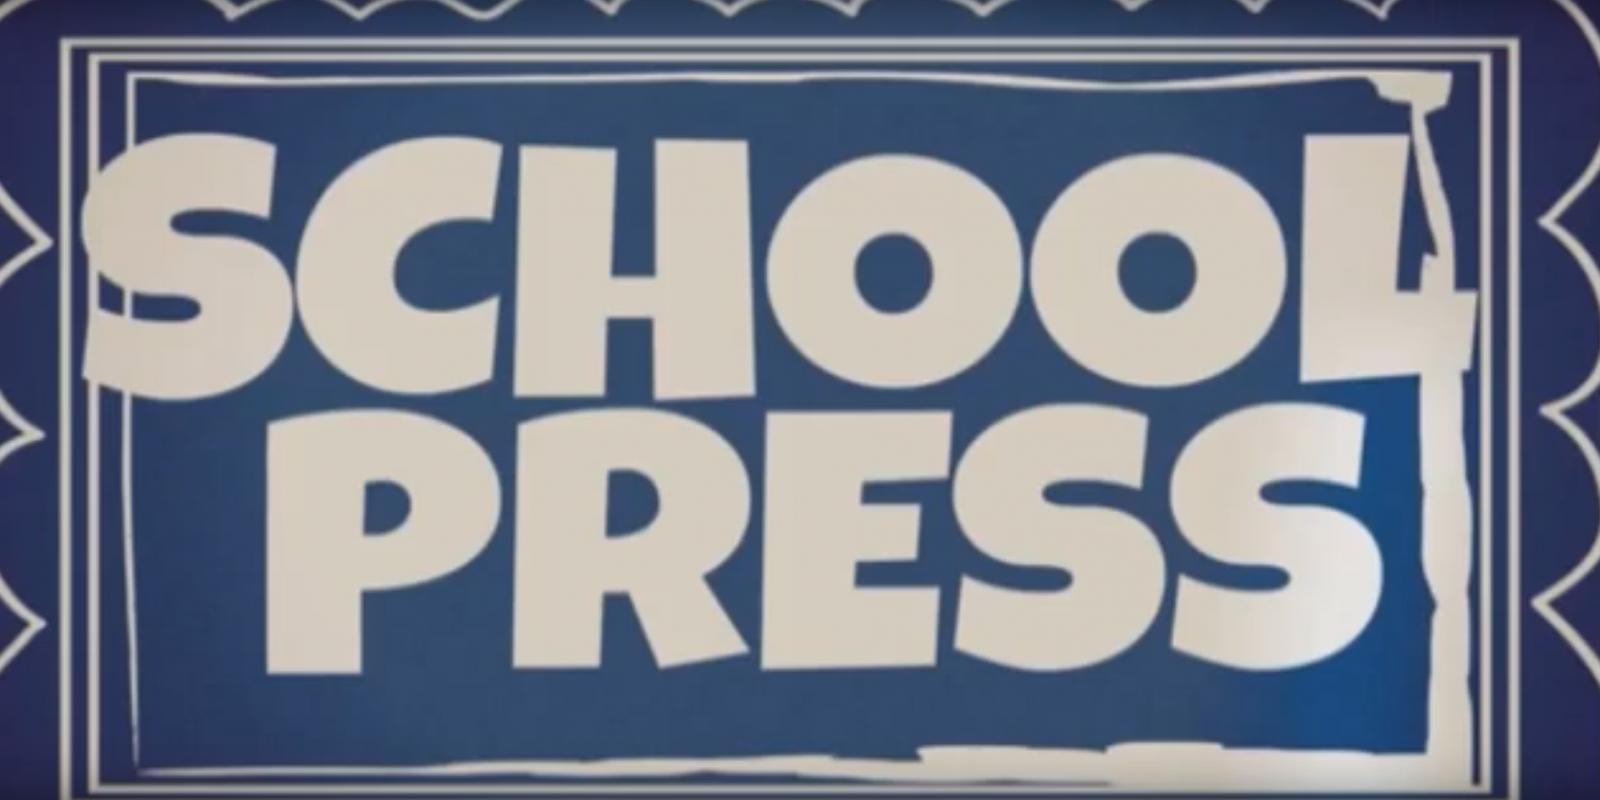 Proyecto School Press